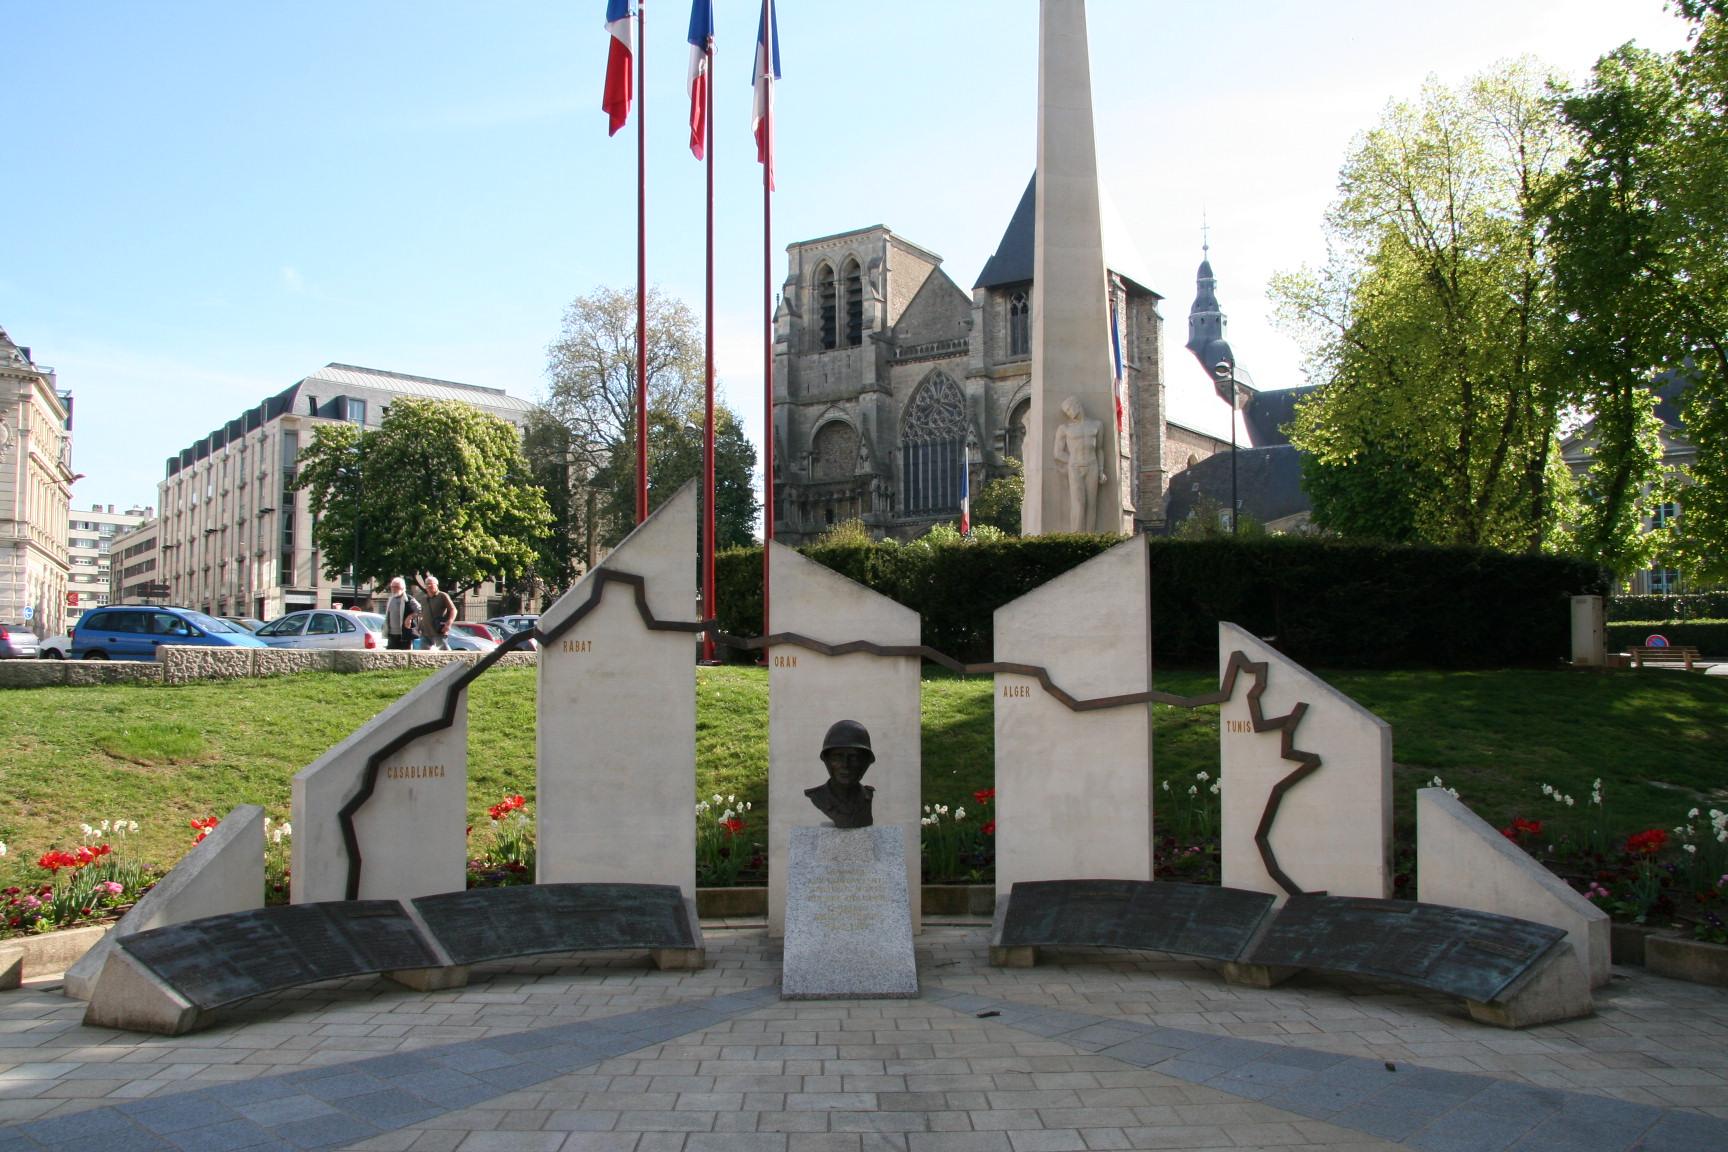 Le Mans en 2010 - Monument commémoratif - Place Aristide Briand - Hommage aux combattants sarthois morts - Guerre d'Algérie, Combats Maroc et Tunisie - Vue 01 (Sylvie Leveau)